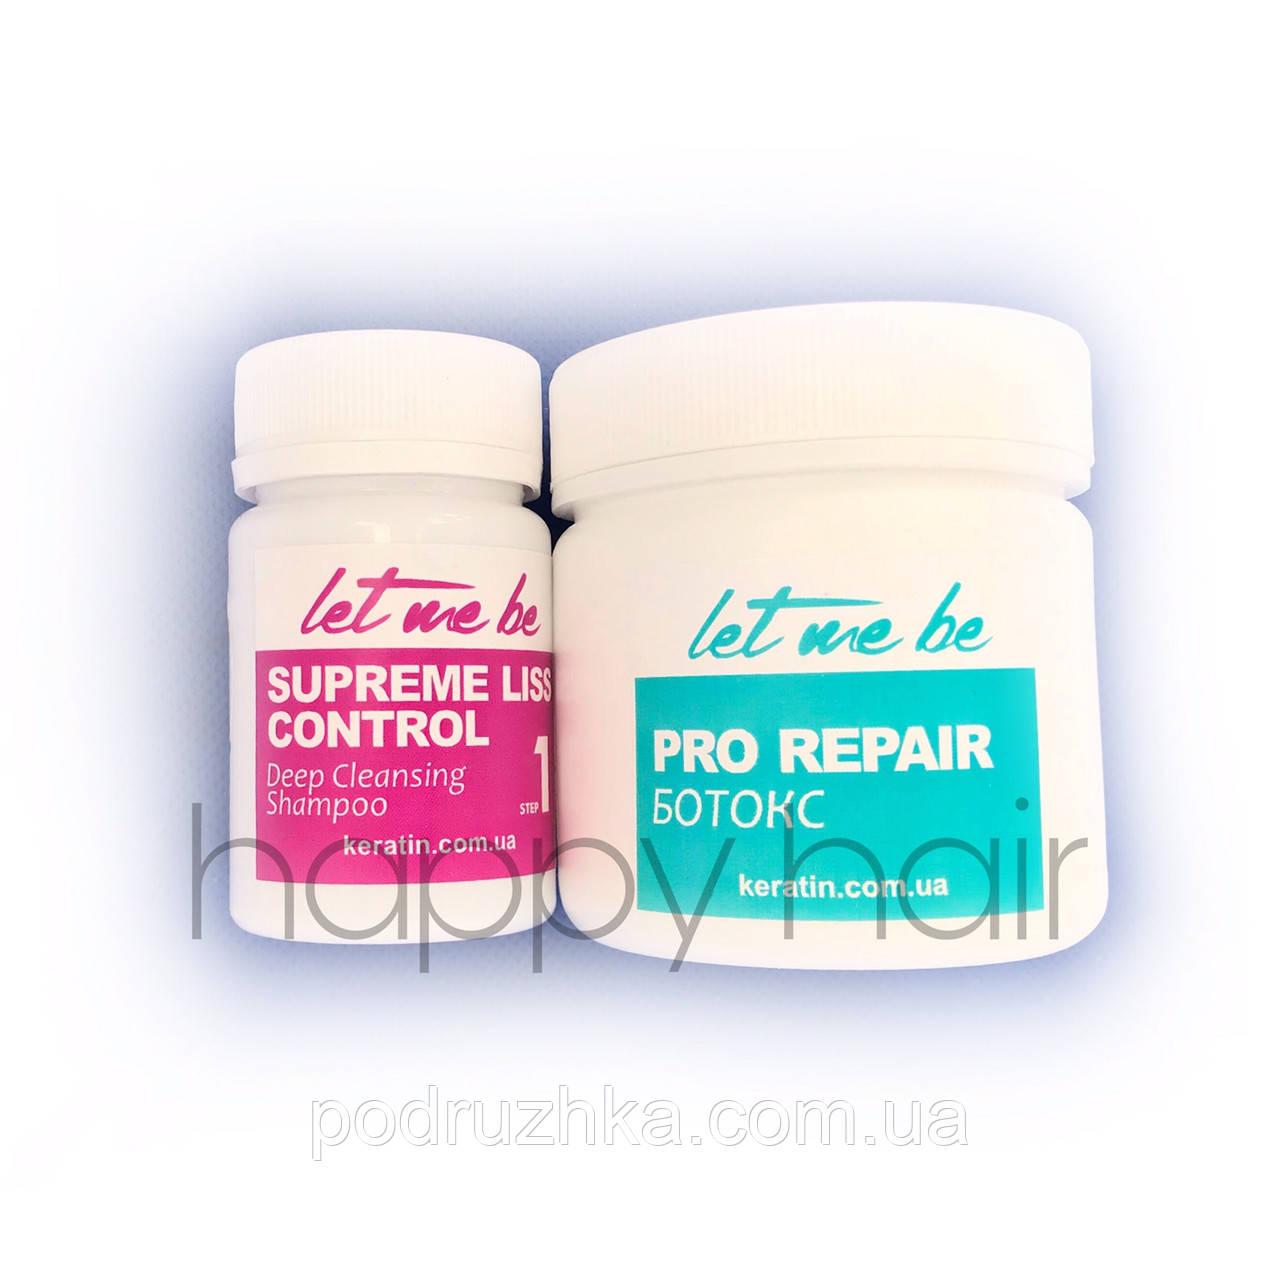 Let me be B-Btox Repair Pro Набір холодний ботекс для волосся 100/200 мл (розлив)